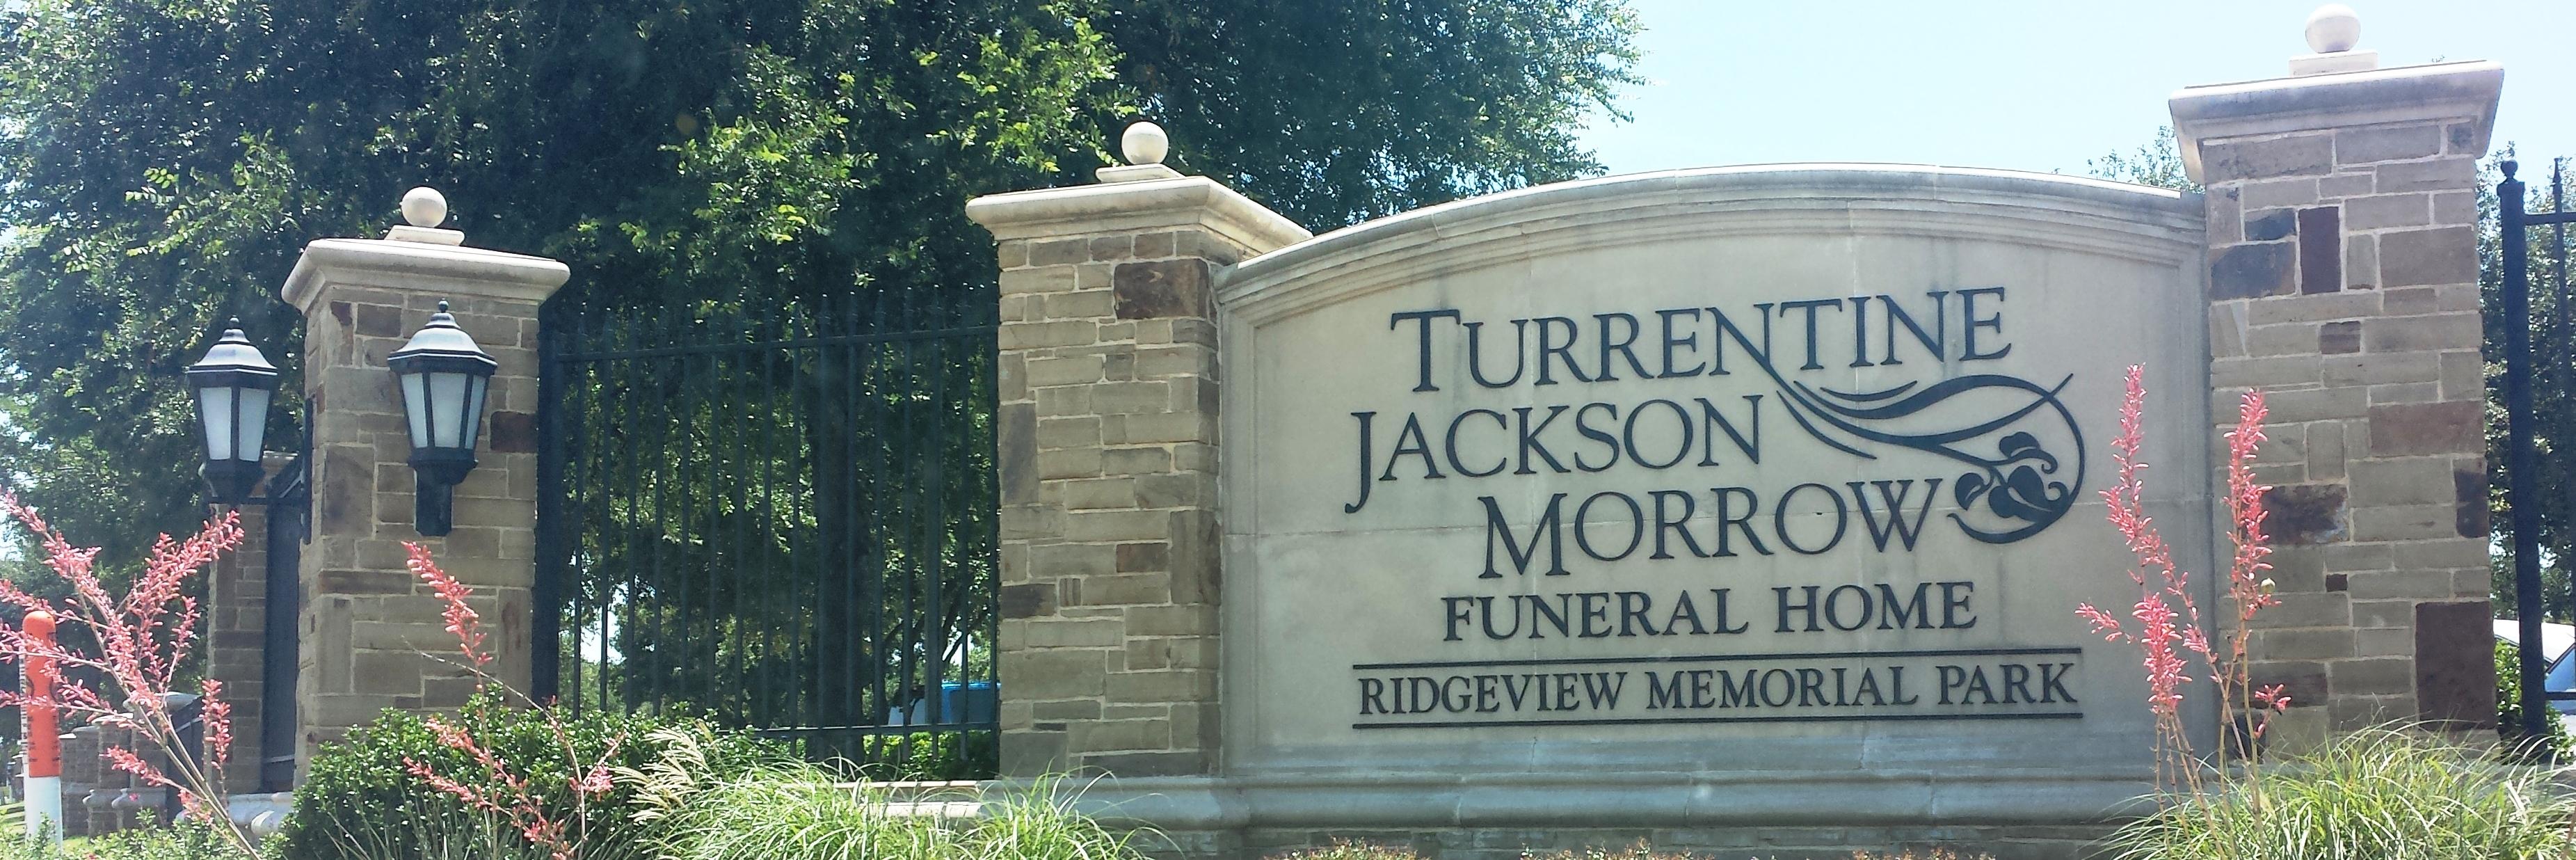 Ridgeview Memorial Park